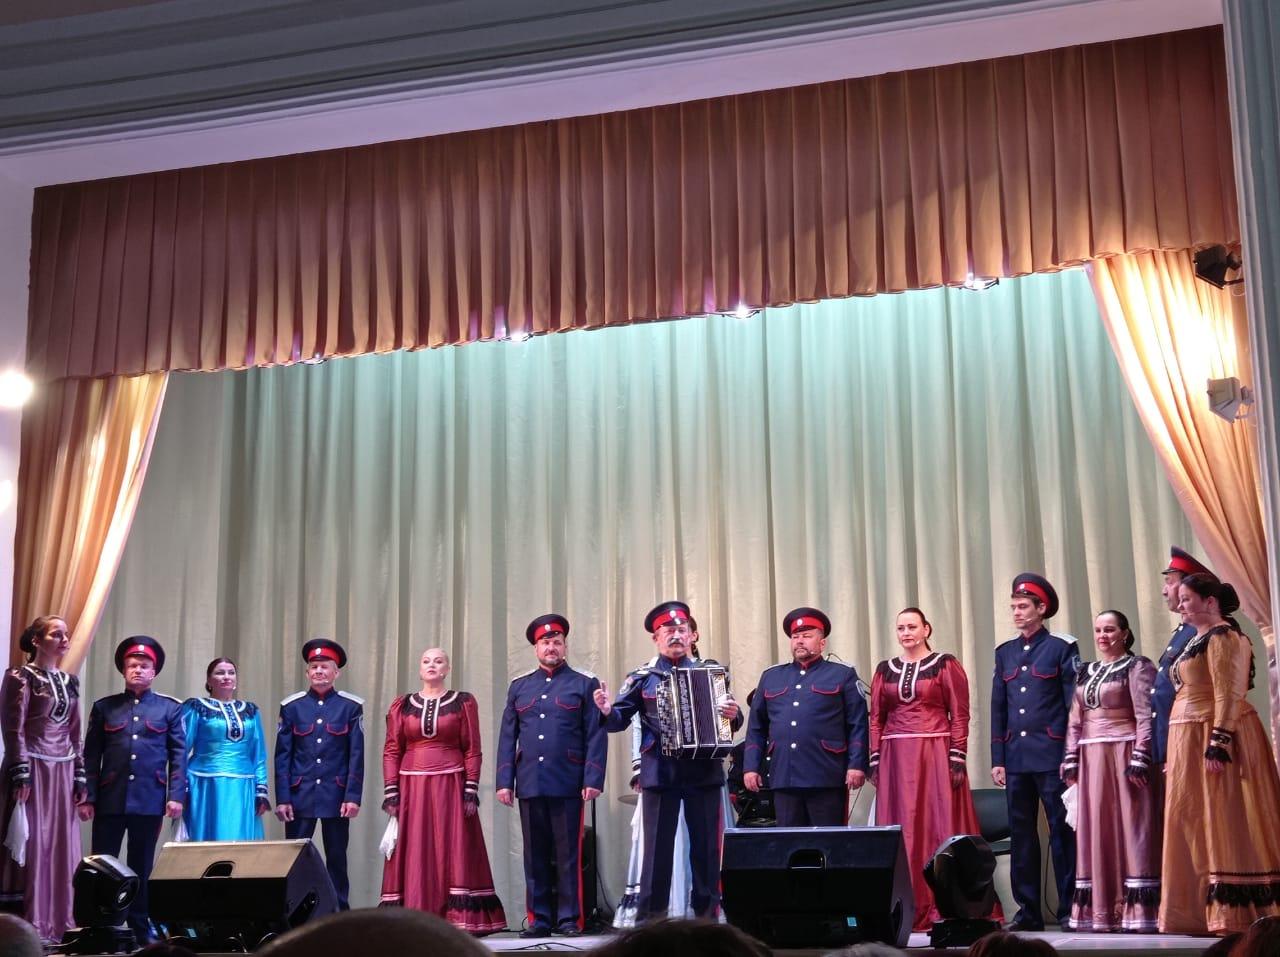 Концерт казачьего ансамбля «Православный Дон» вновь покорил миллеровских зрителей